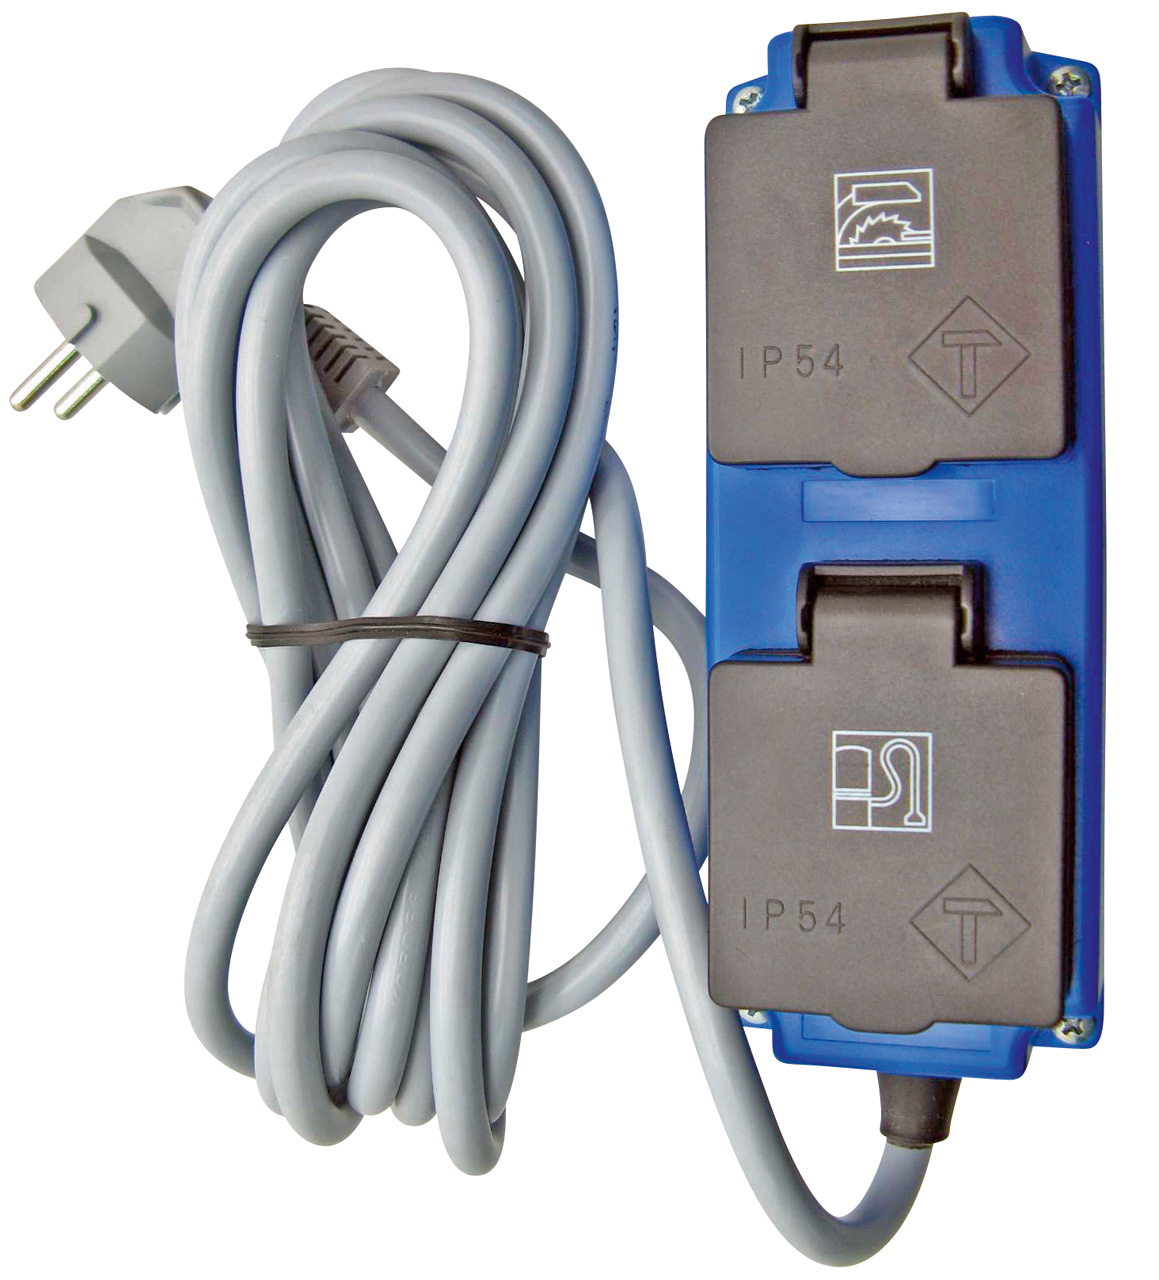 Automatyczny wyłącznik ALV 2 / 230 V z 4m kablem BERNARDO